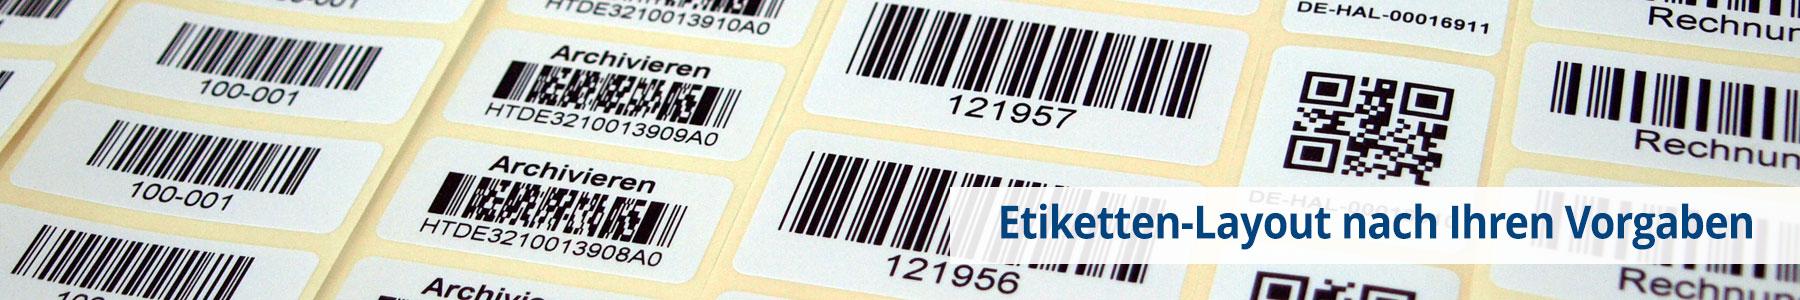 Etiketten-Layout gestalten